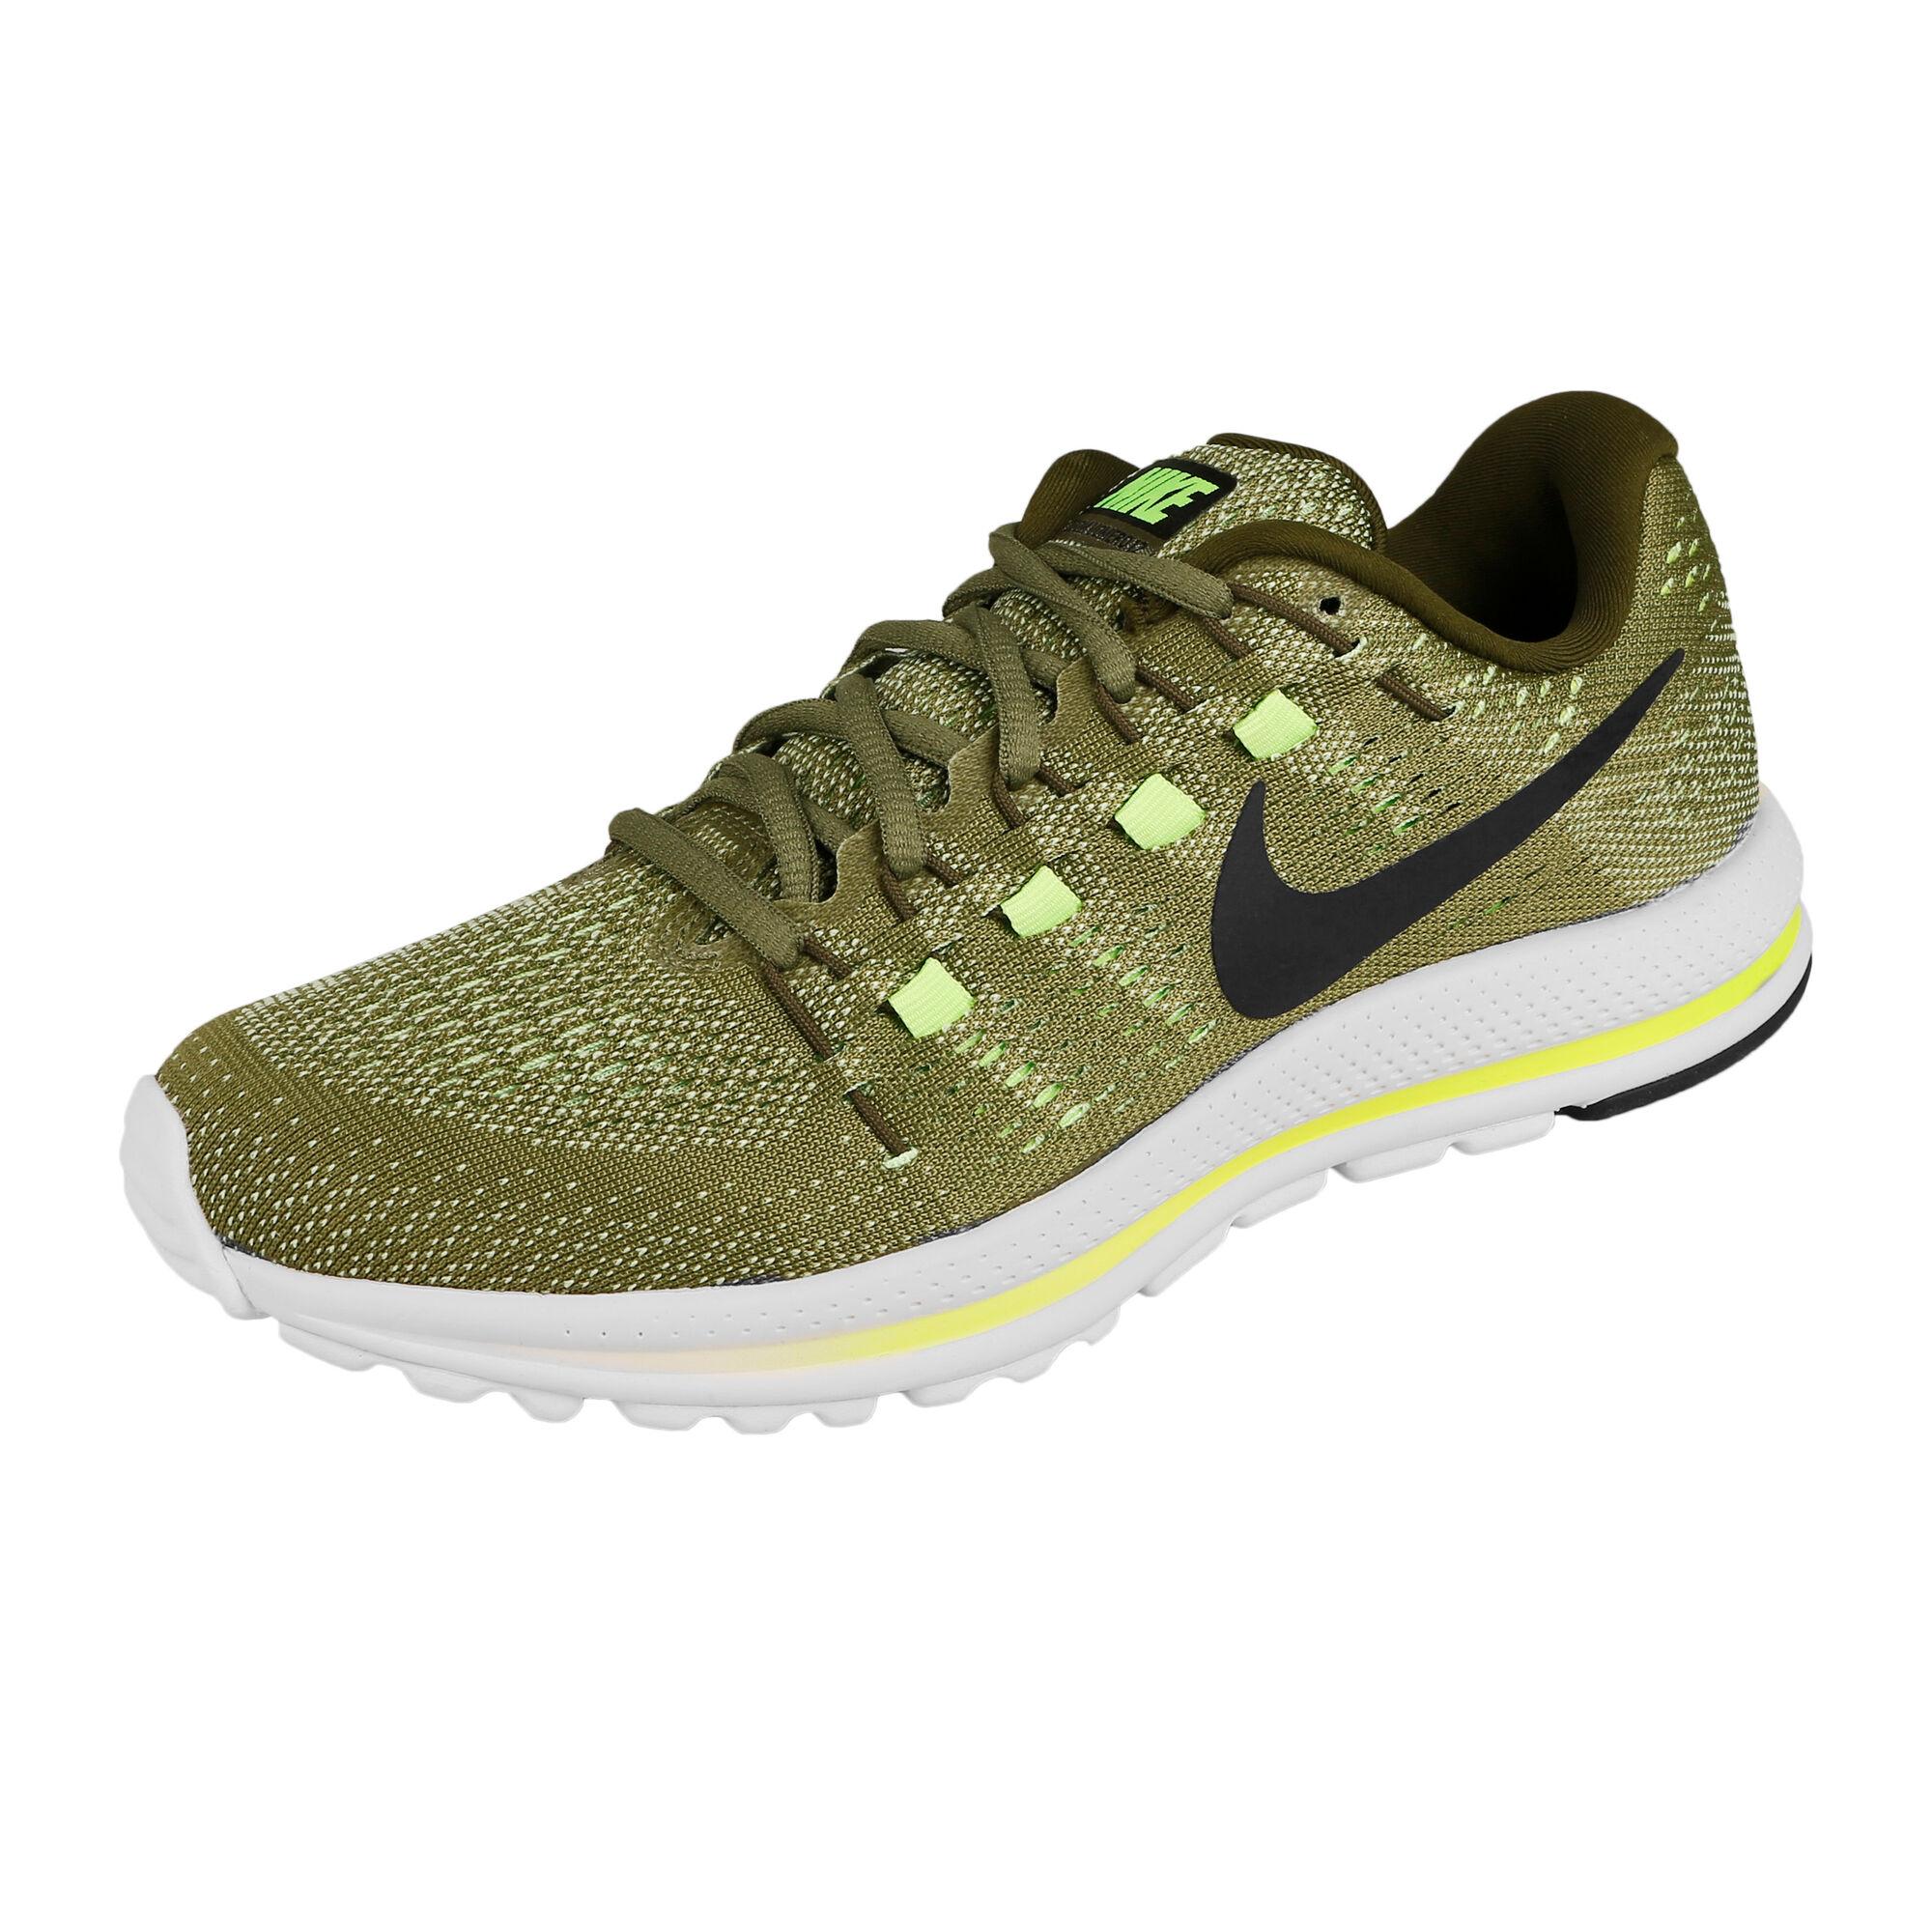 8cf702c008966 Nike  Nike  Nike  Nike  Nike  Nike  Nike  Nike  Nike  Nike. Air Zoom Vomero  12 Women ...